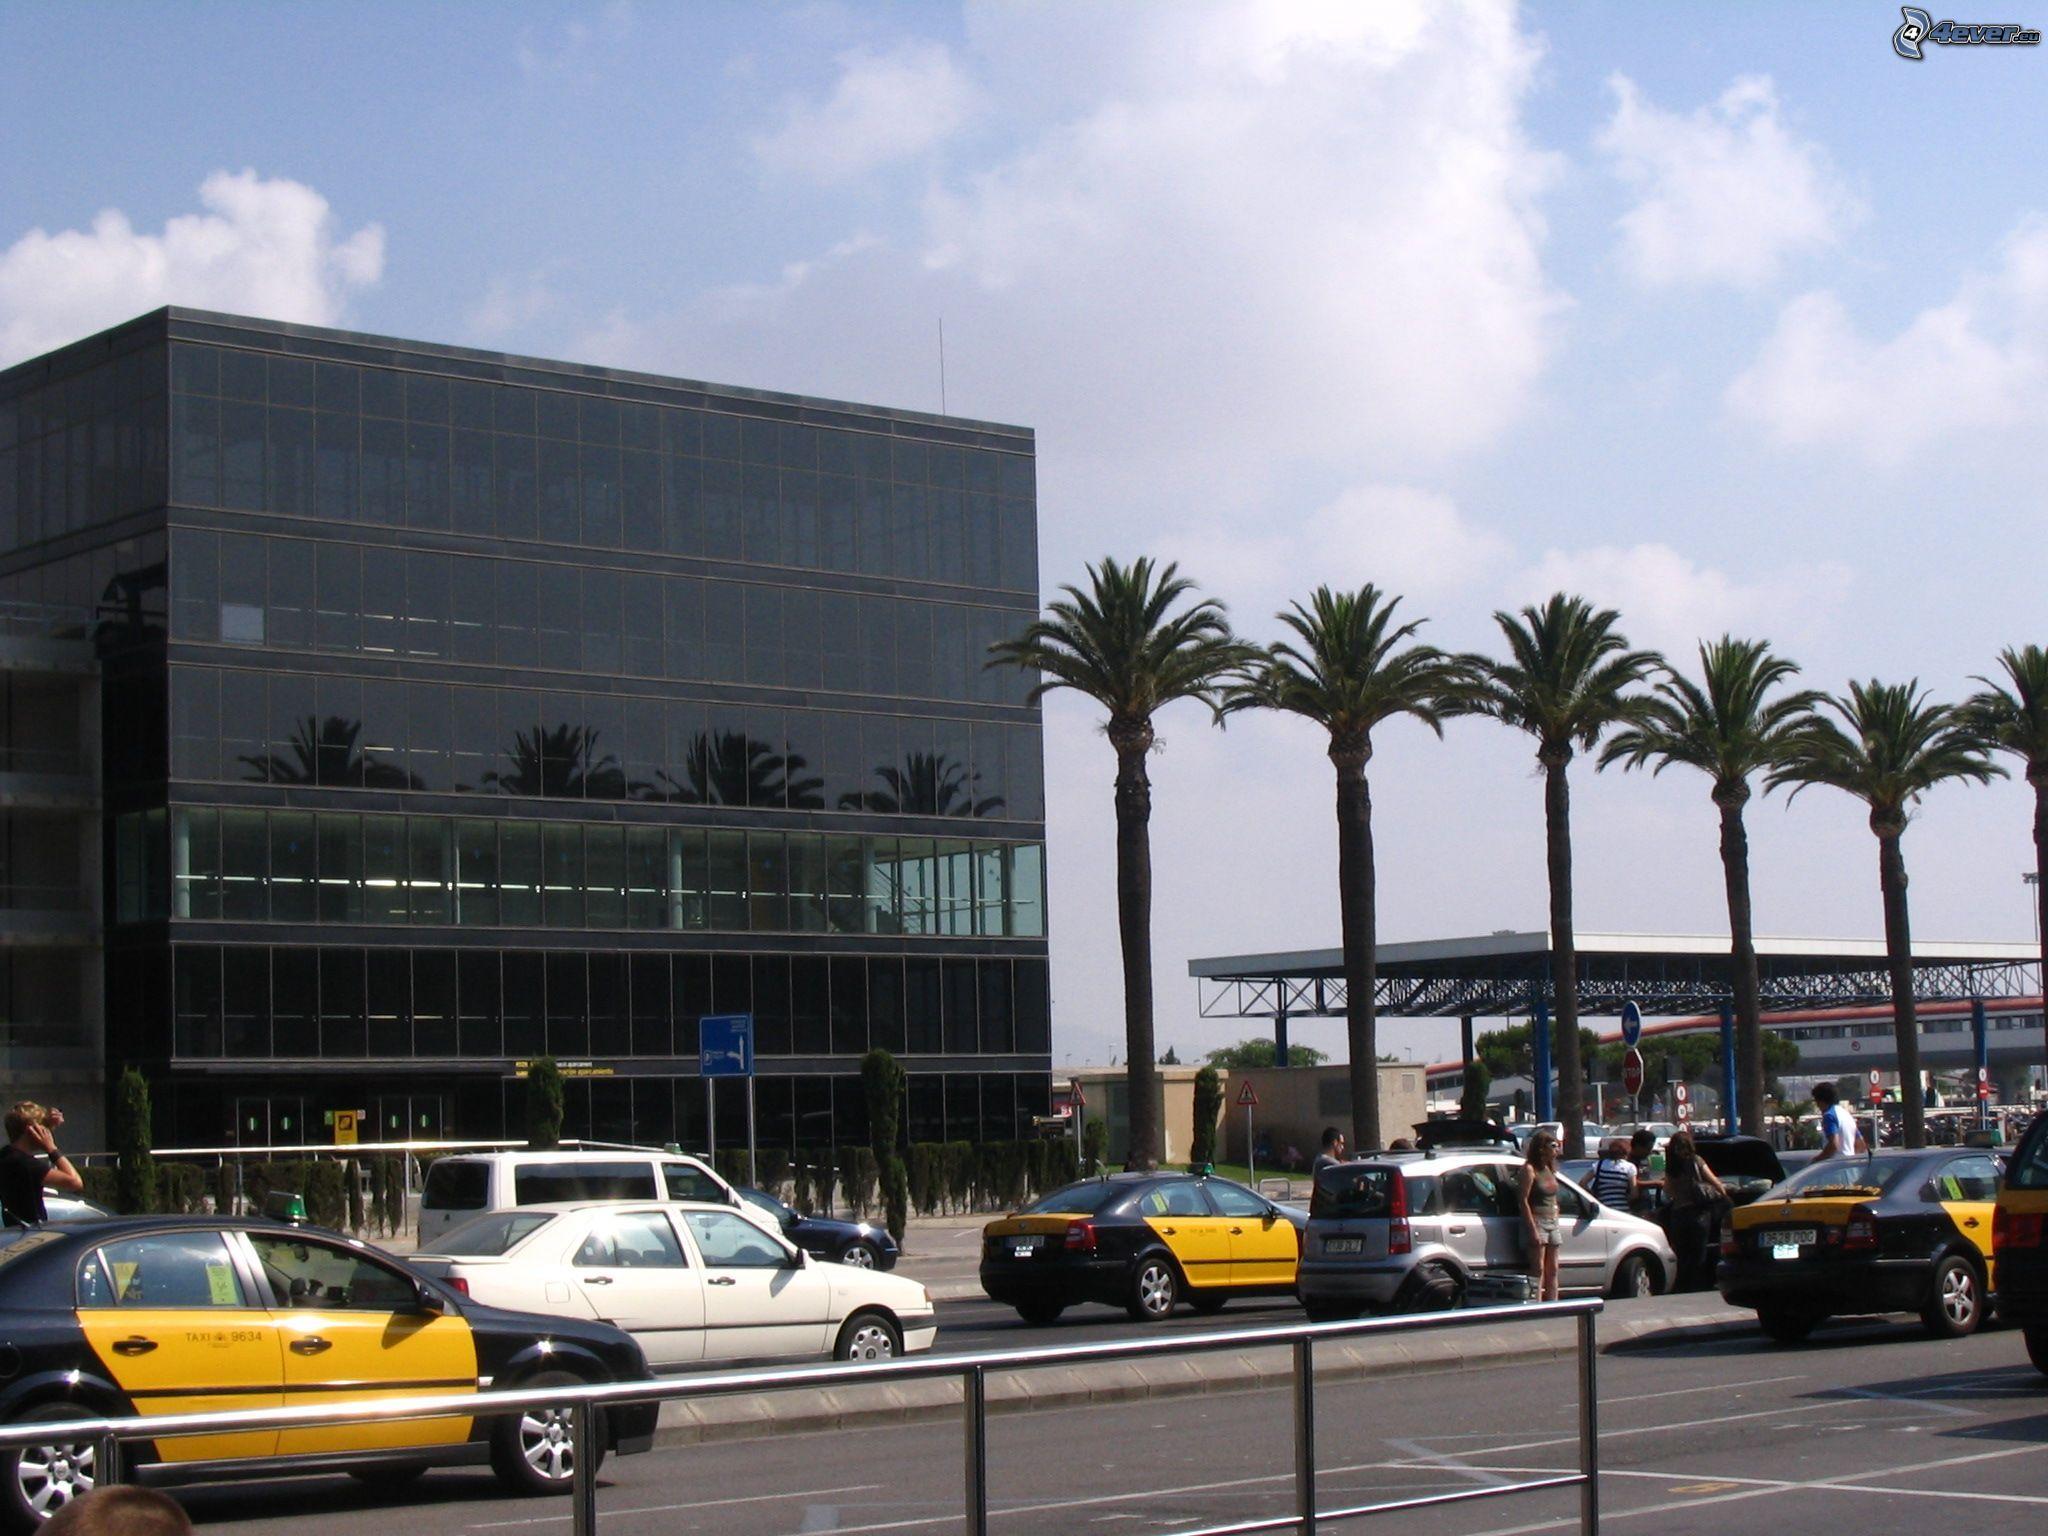 Edificio de oficinas for Edificio movil en dubai